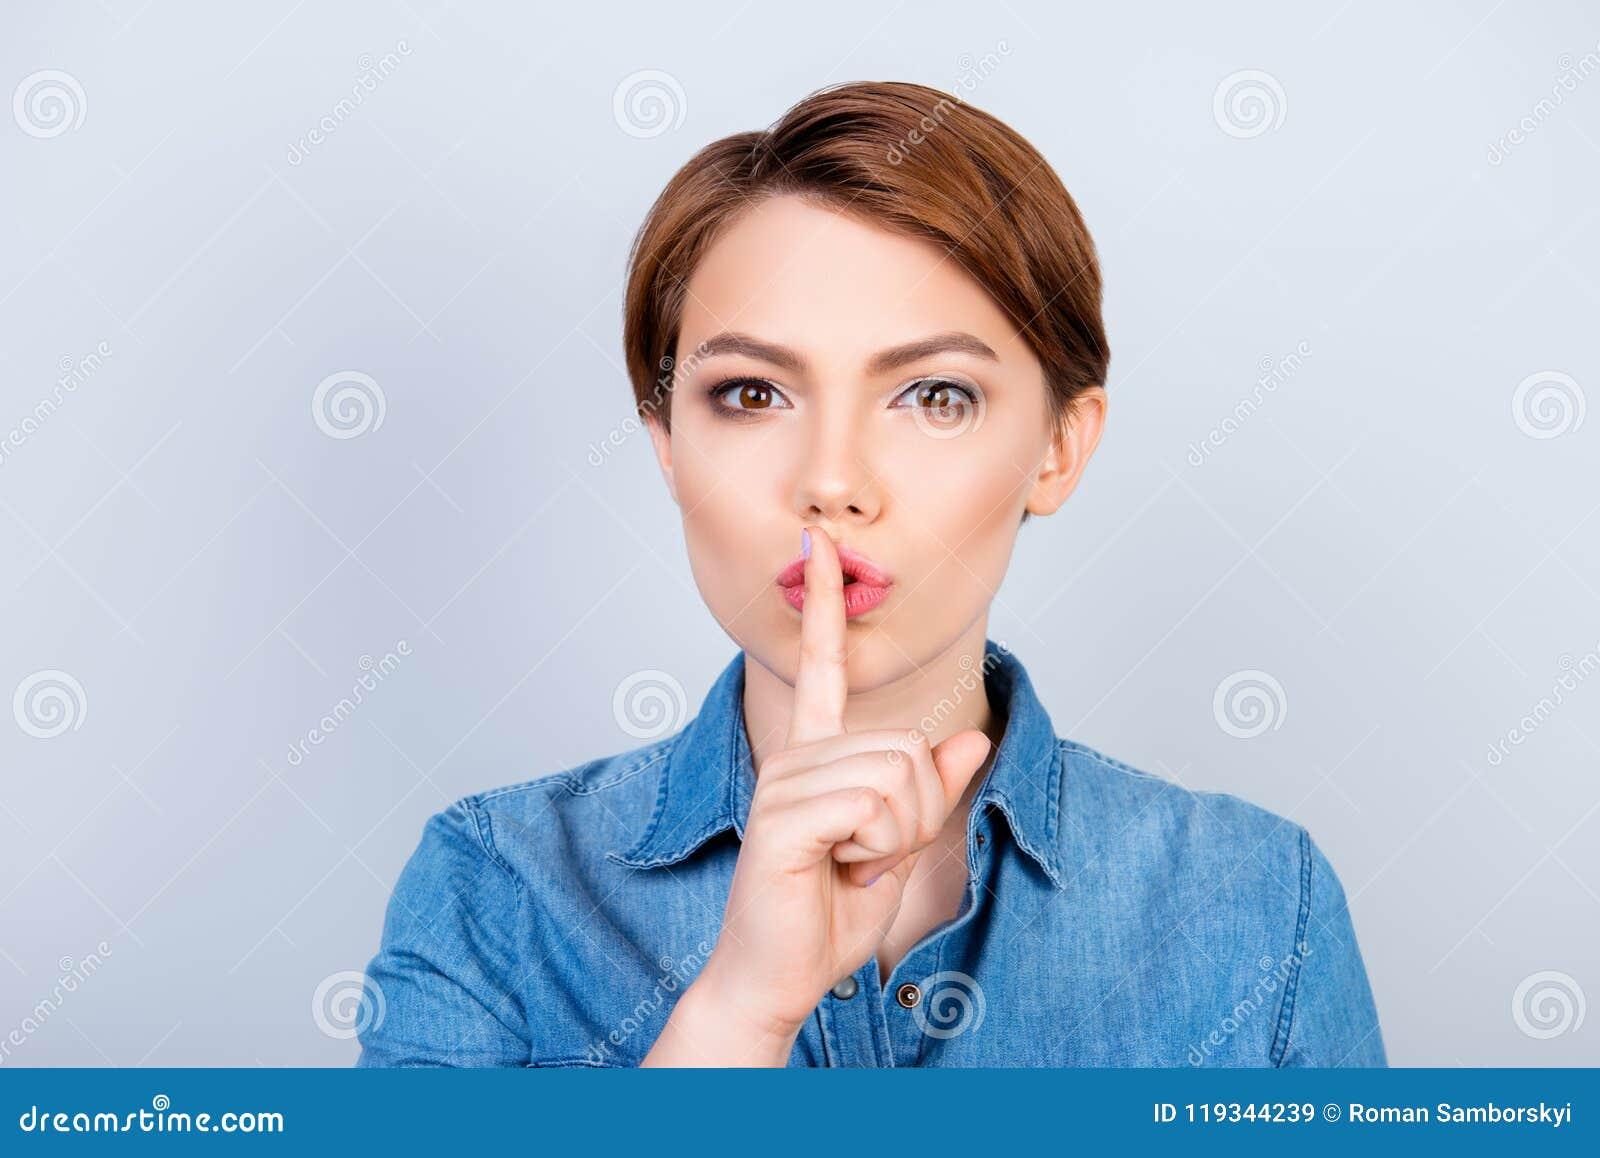 Shh! Het meisje toont iemand om stil te houden en haar secre te vertellen